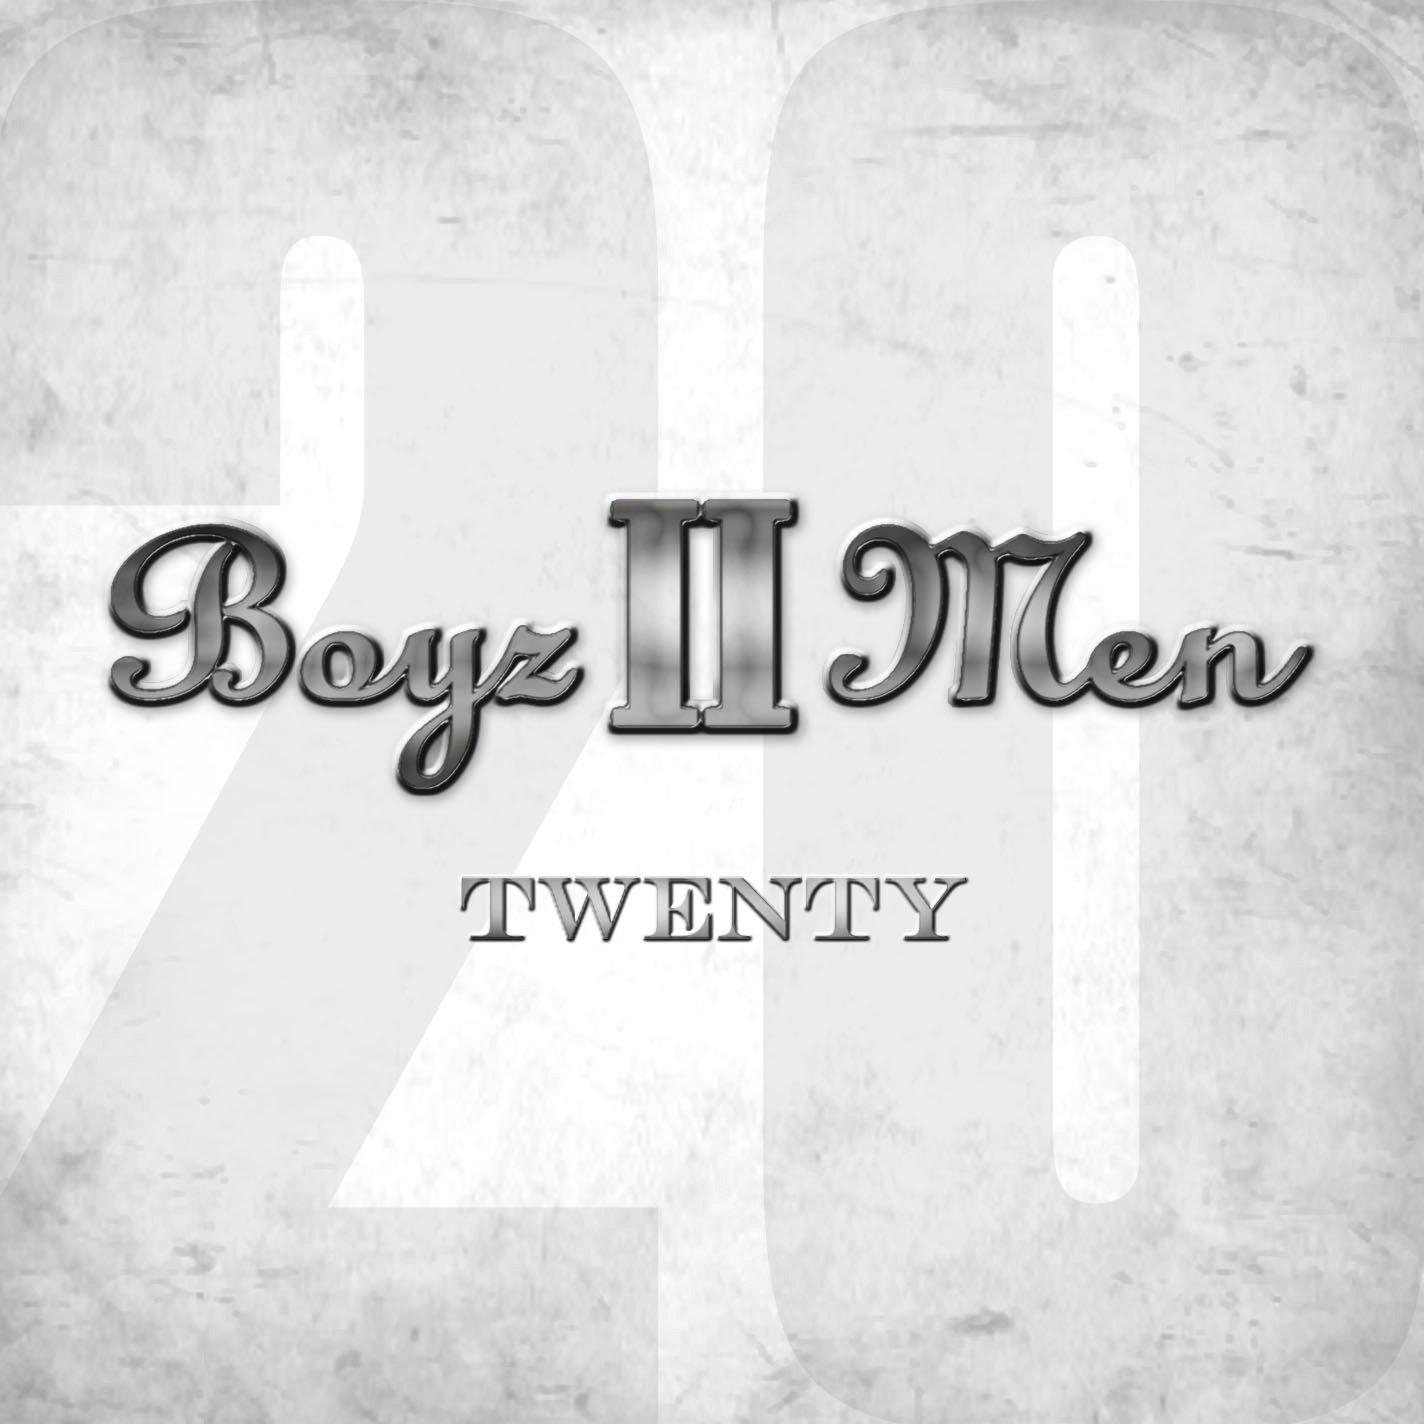 Boyz-II-Men-Twenty.jpg